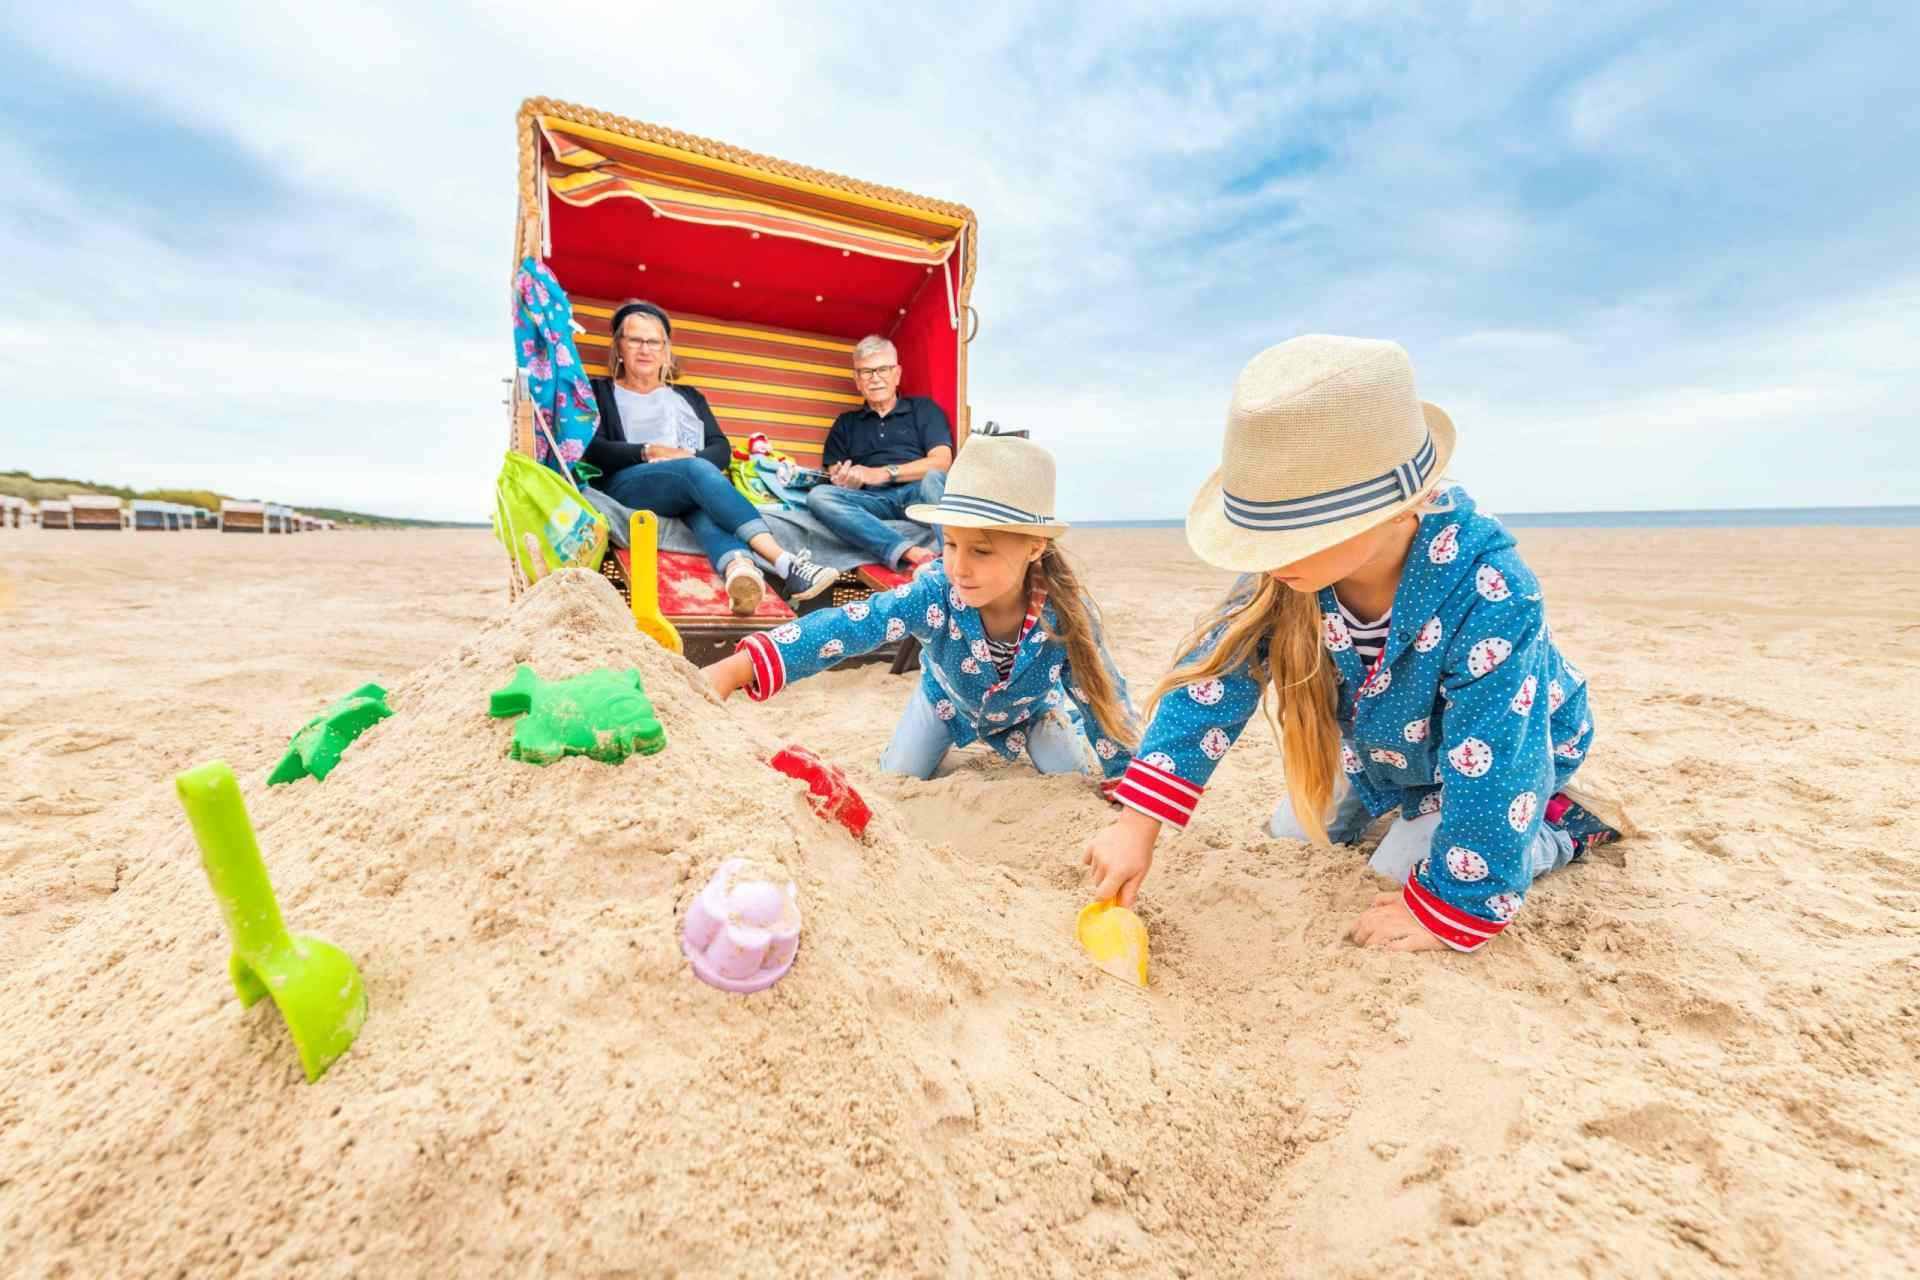 Kinder bauen Sandburgen vor einem Strandkorb in Trassenheide